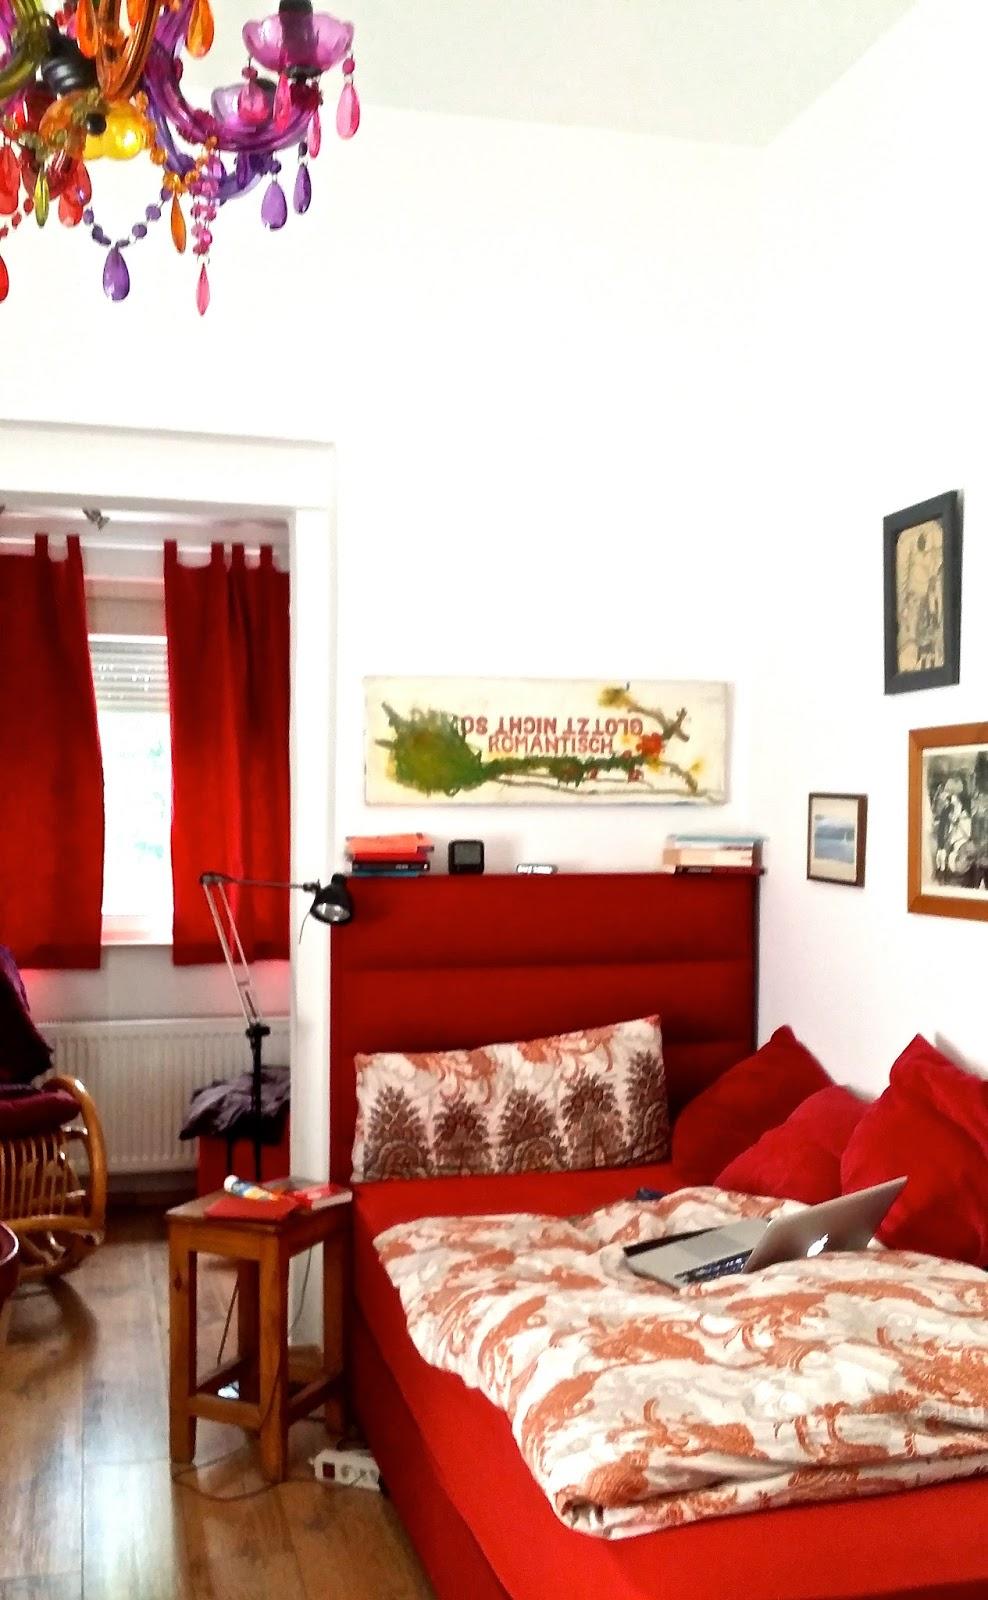 gleisbauarbeiten ankunft 6 wortschatz 19 sich anheimeln. Black Bedroom Furniture Sets. Home Design Ideas